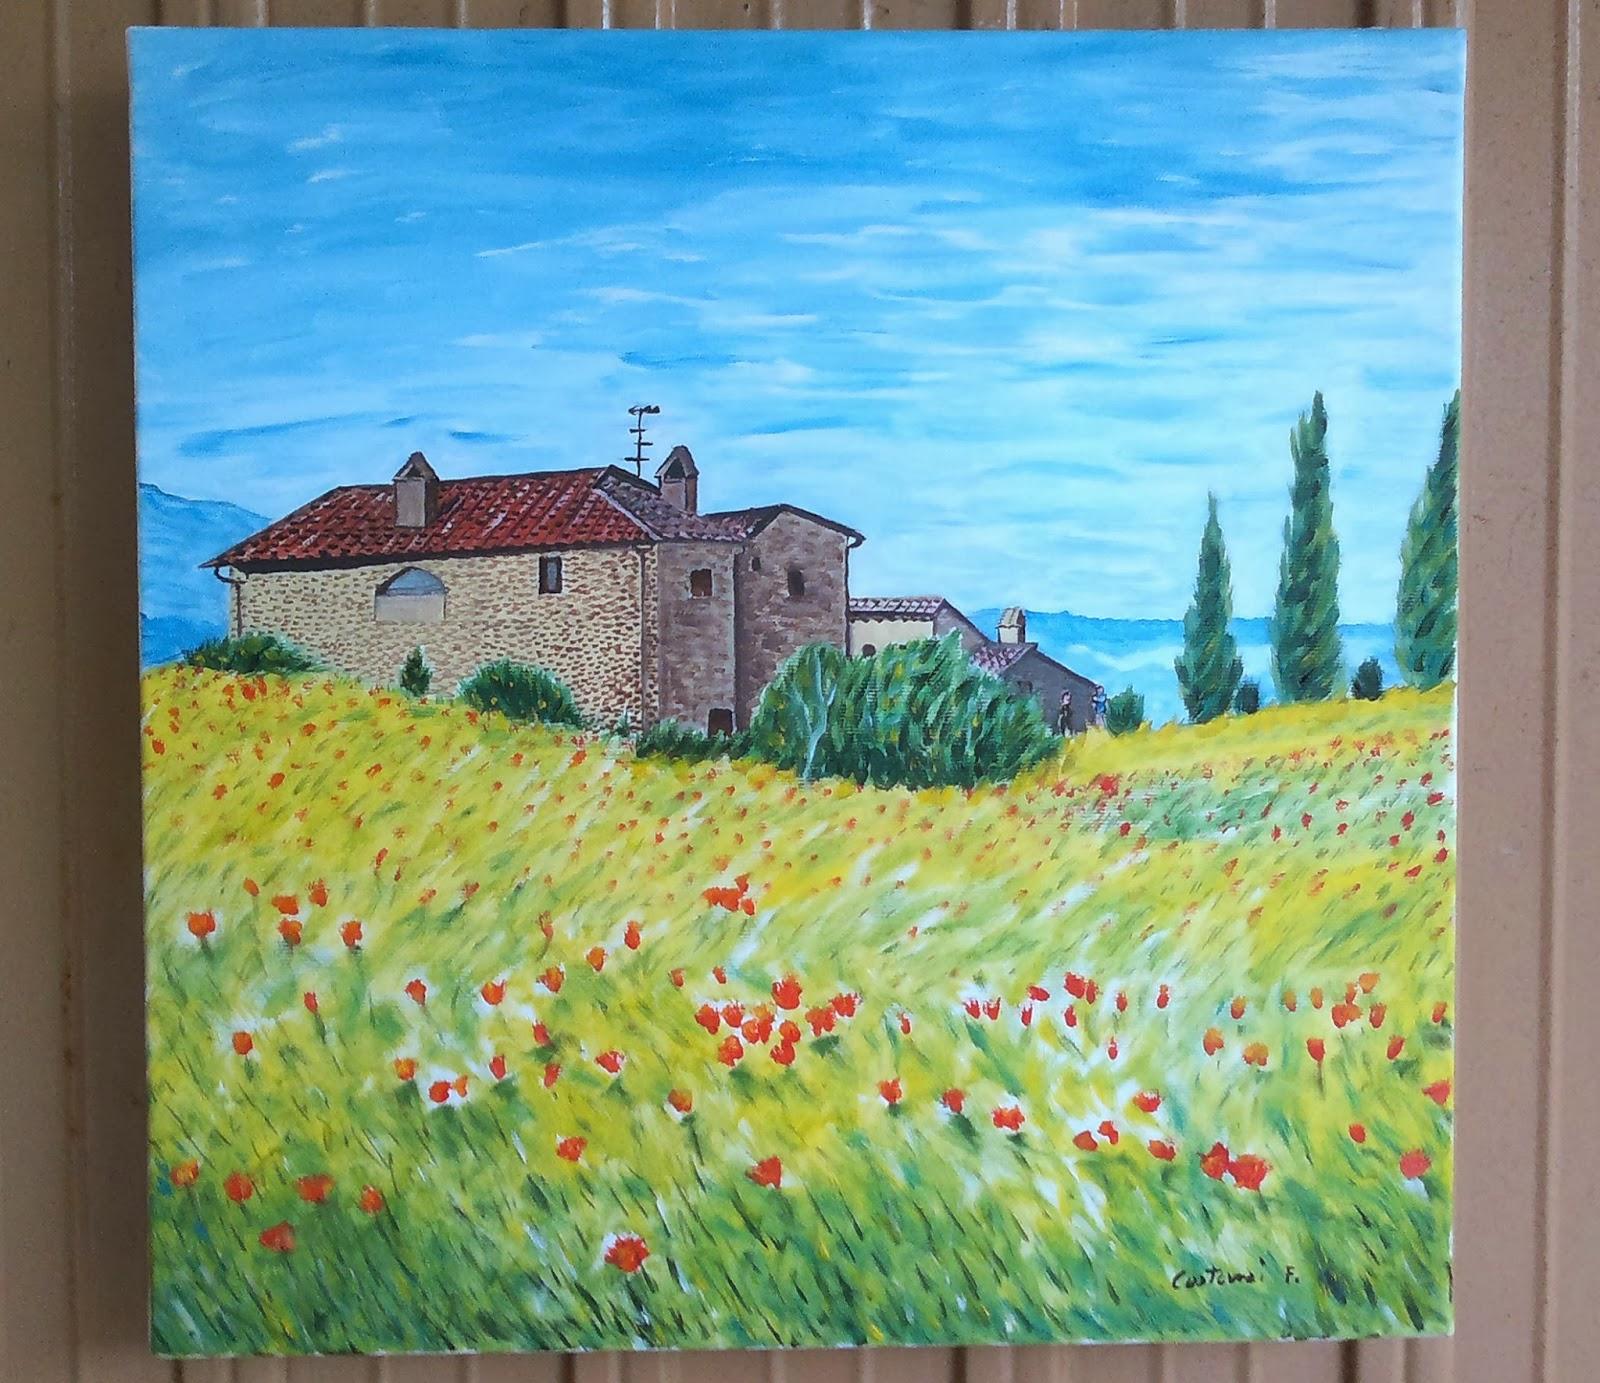 Paintings quadro casali di campagna - Casali di campagna ...